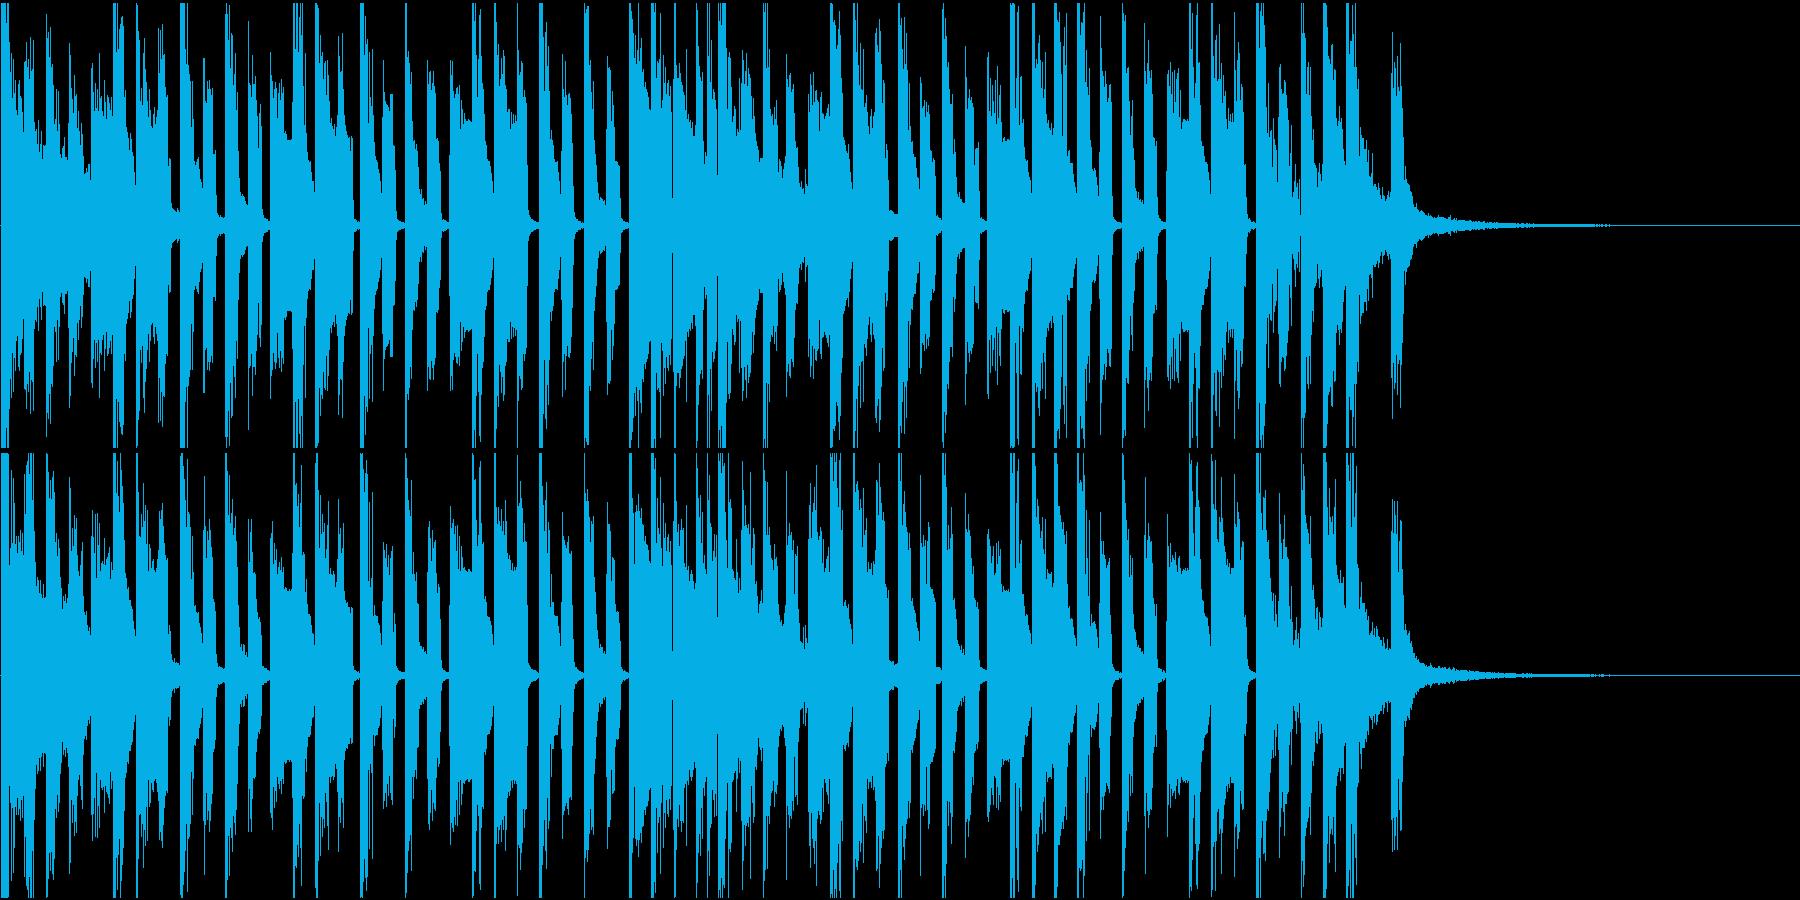 かわいいポップなチップチューン ショートの再生済みの波形